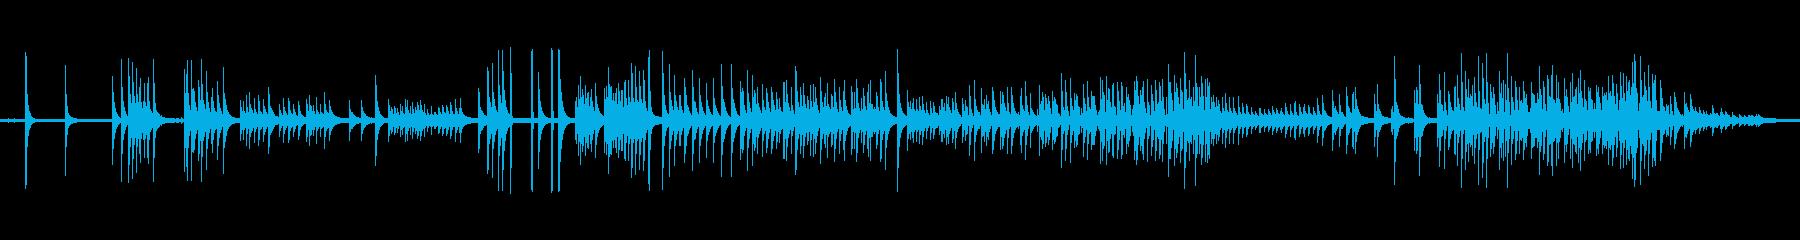 パーカッション、トークドラム; D...の再生済みの波形